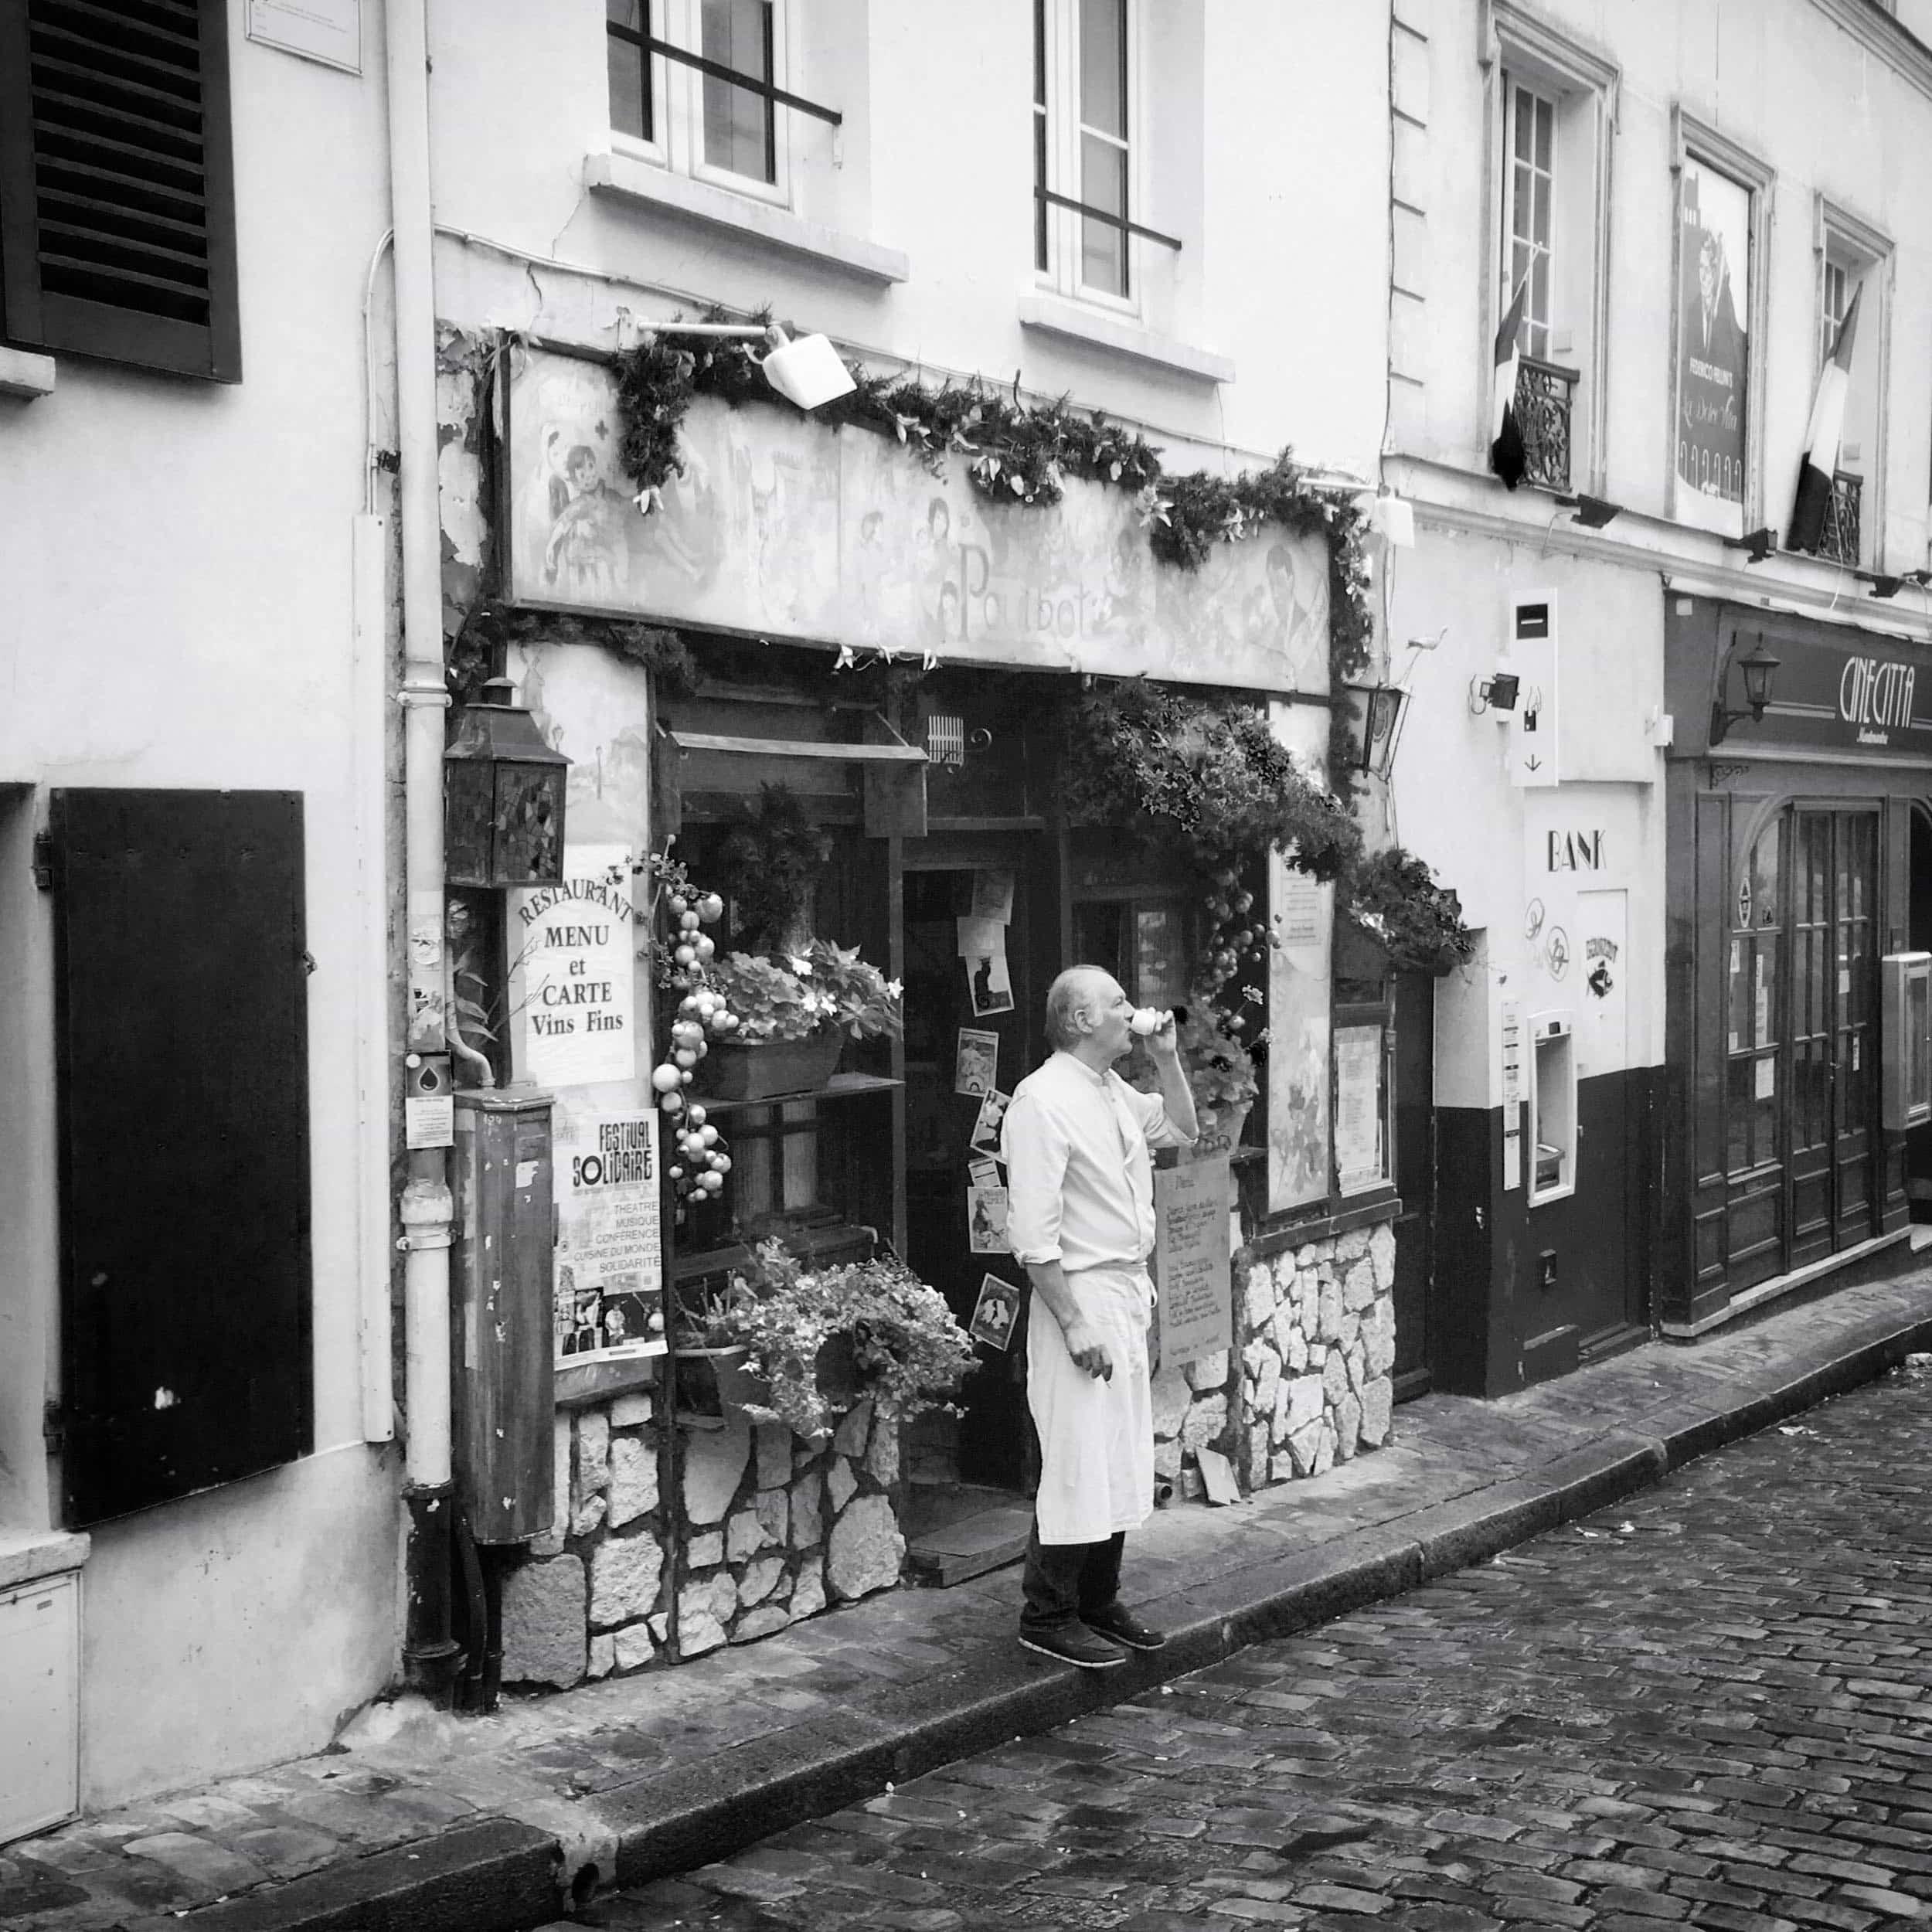 #PARIS / 003 / FRANCE / 2016